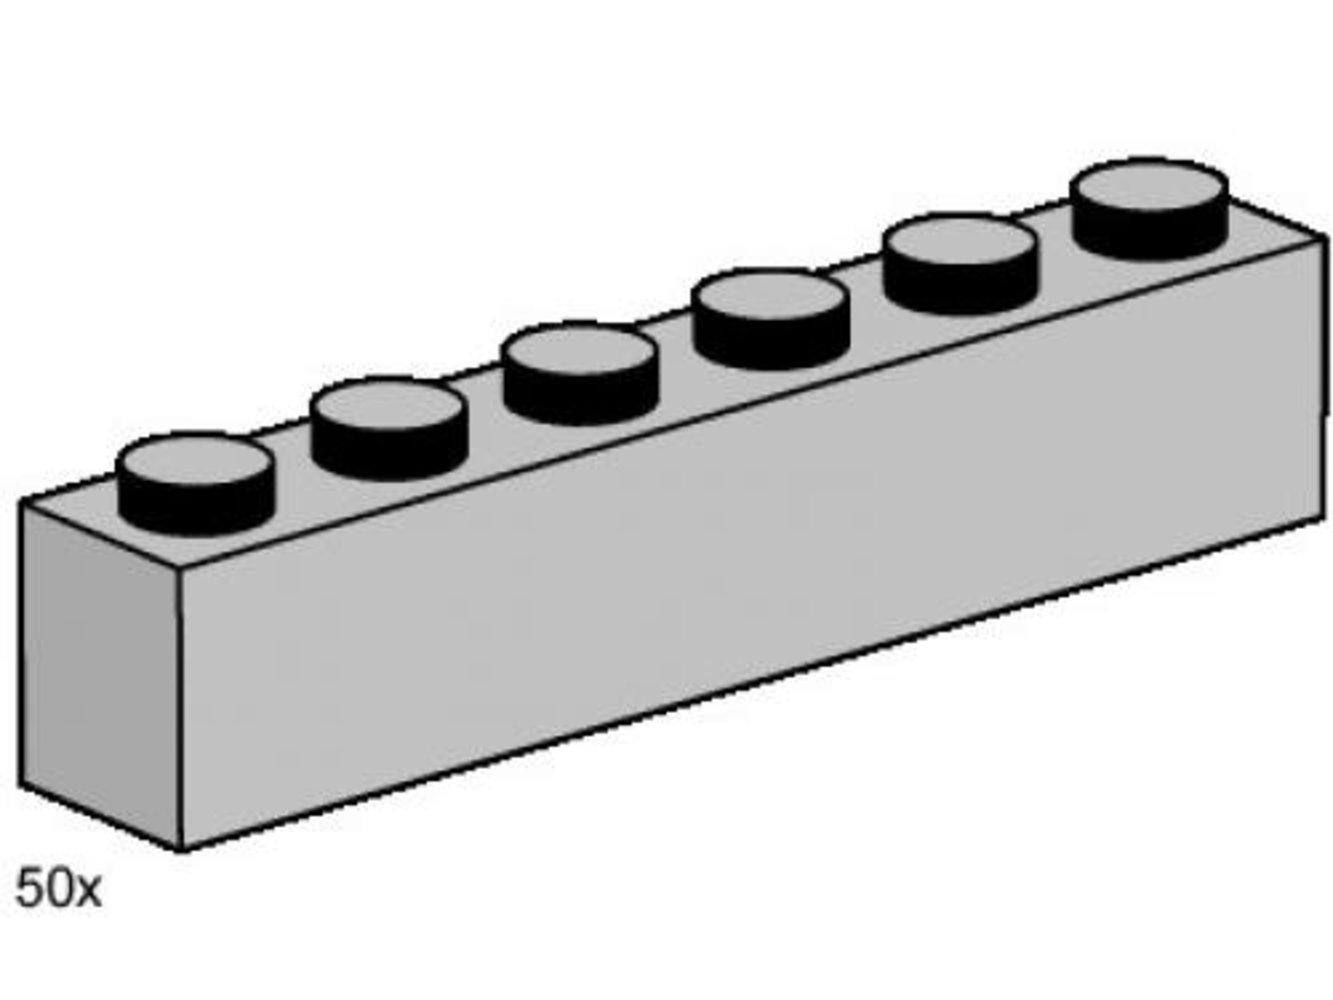 1 x 6 Light Gray Bricks